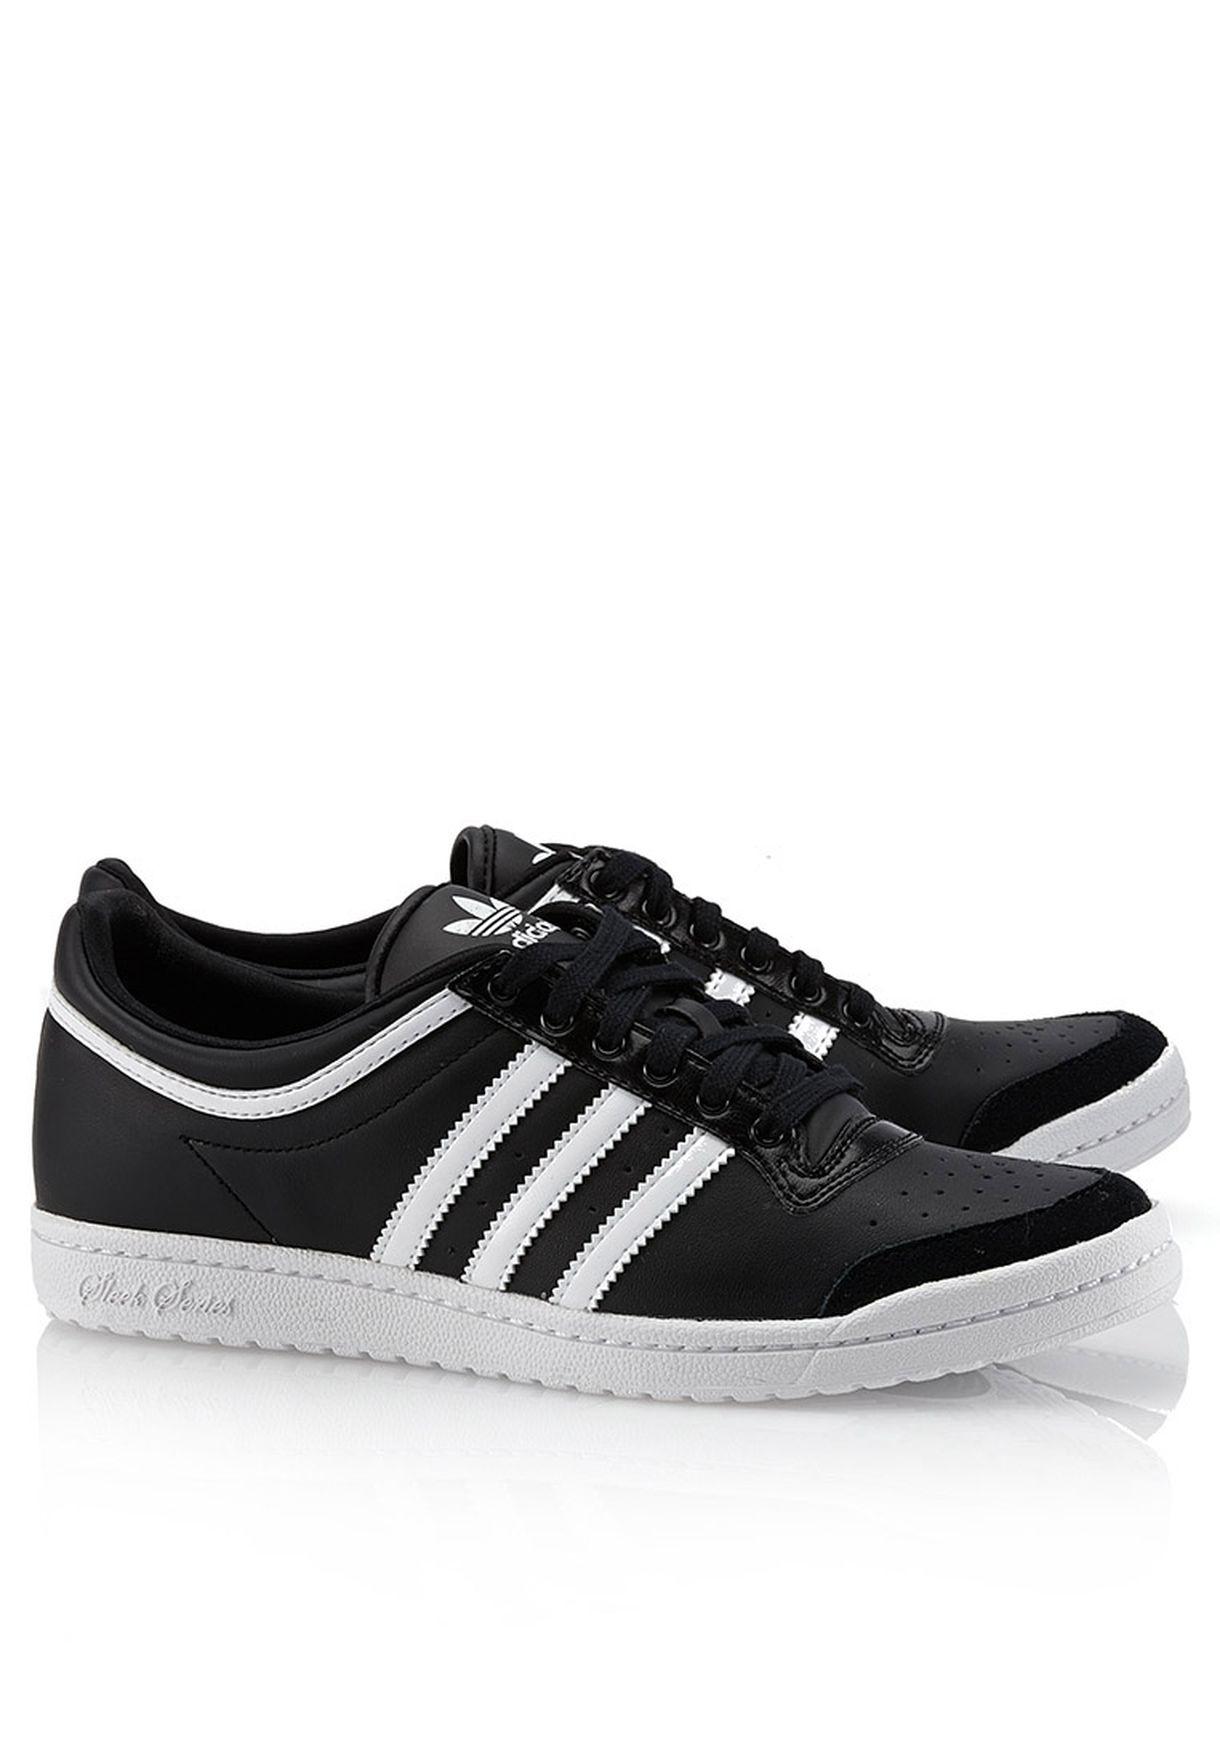 Puede ser calculado pronunciación creciendo  Buy adidas Originals black Top Ten Low Sleek Sneakers for Women in MENA,  Worldwide | G16721